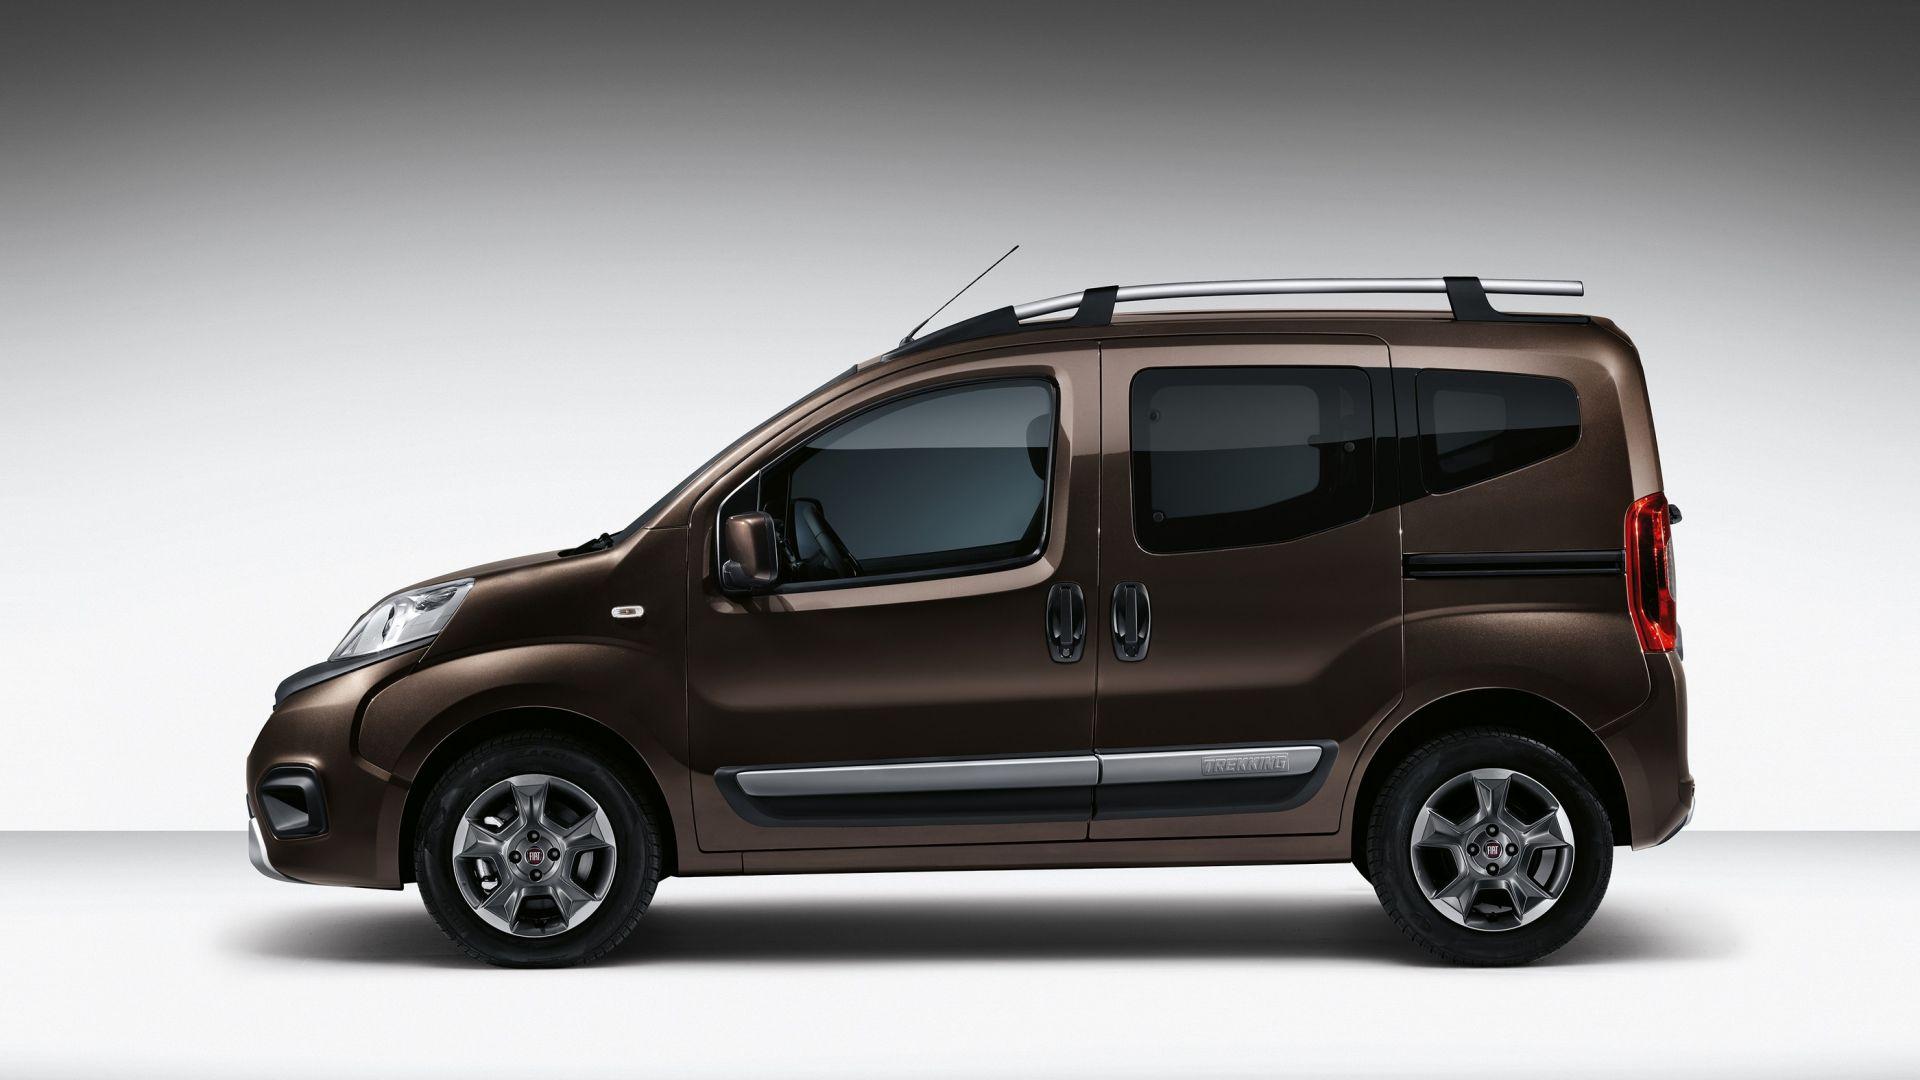 Novità auto: Fiat Qubo: spazio al restyling - MotorBox